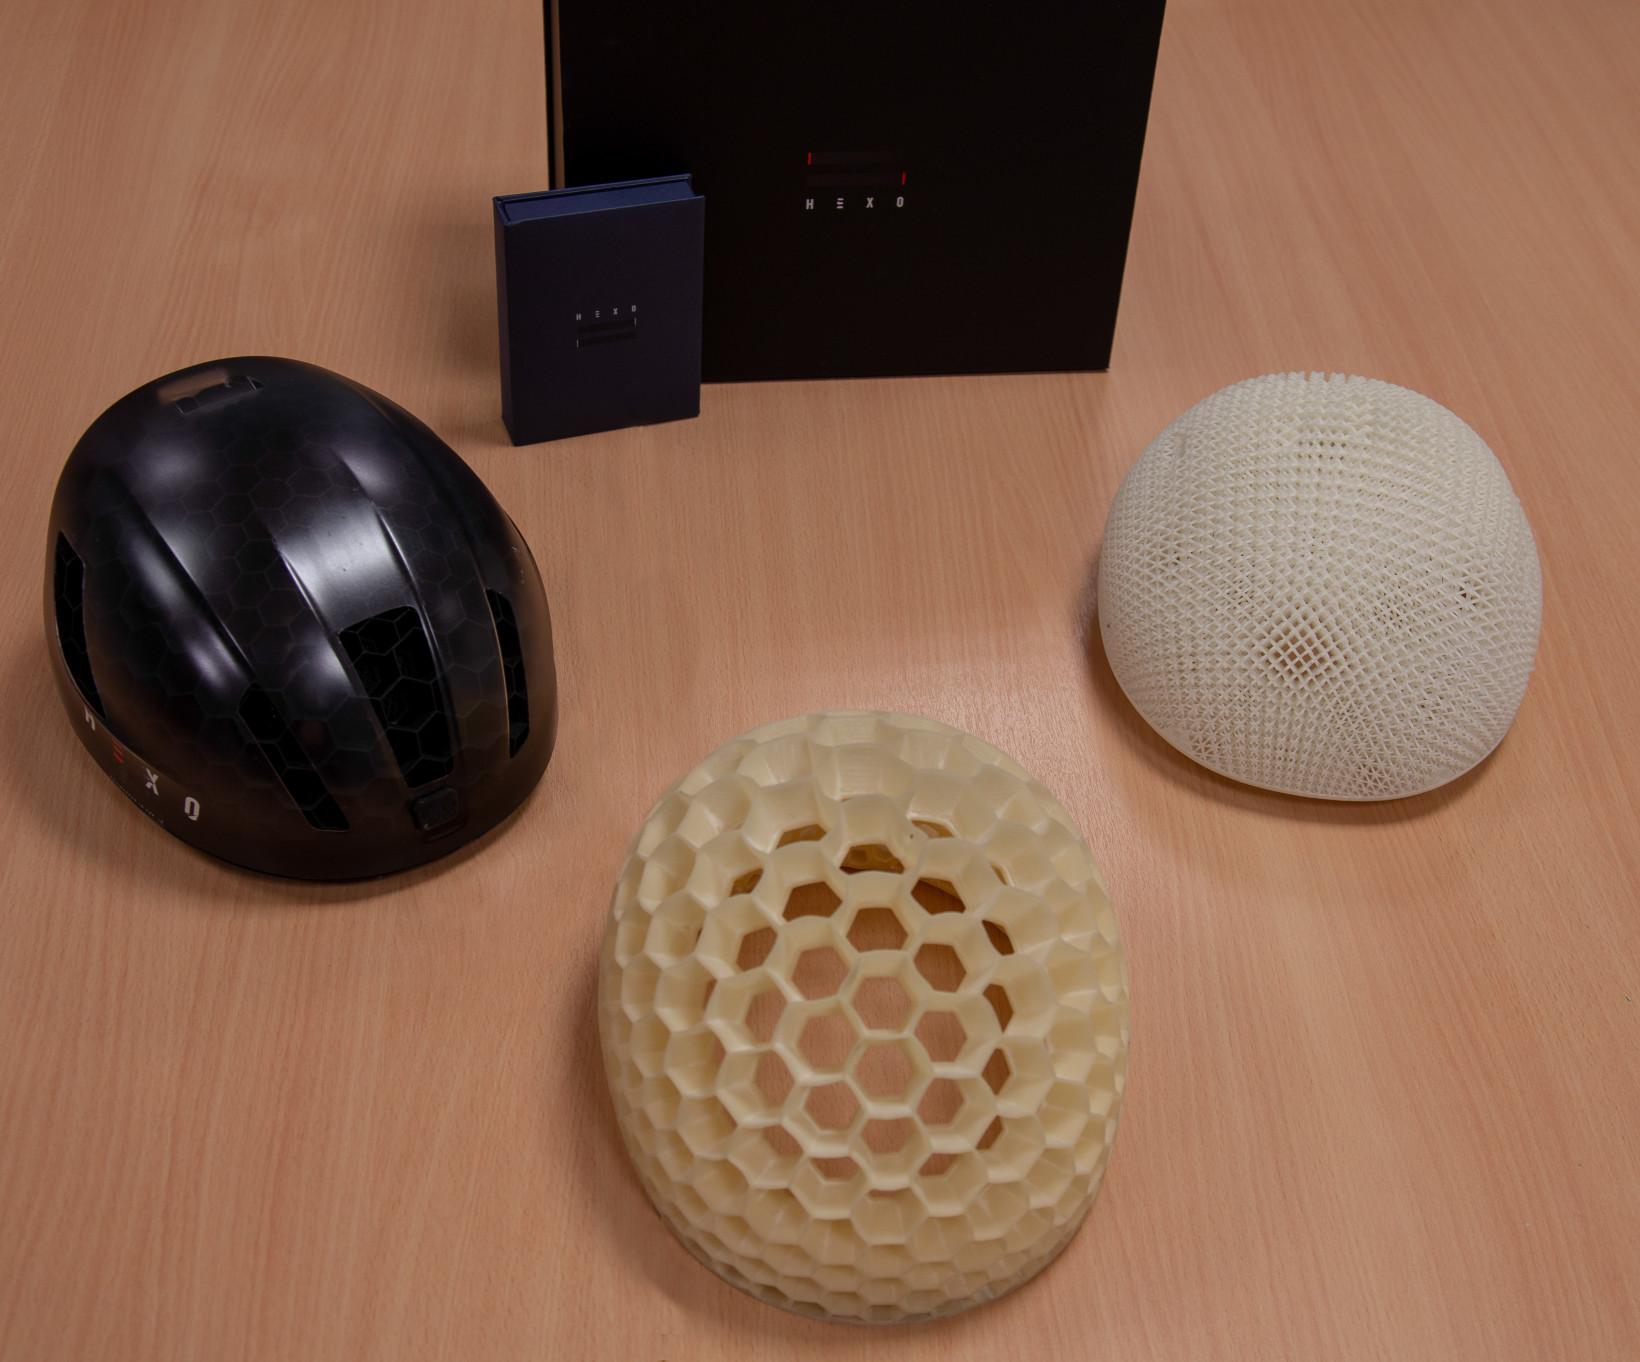 HEXR, prototype